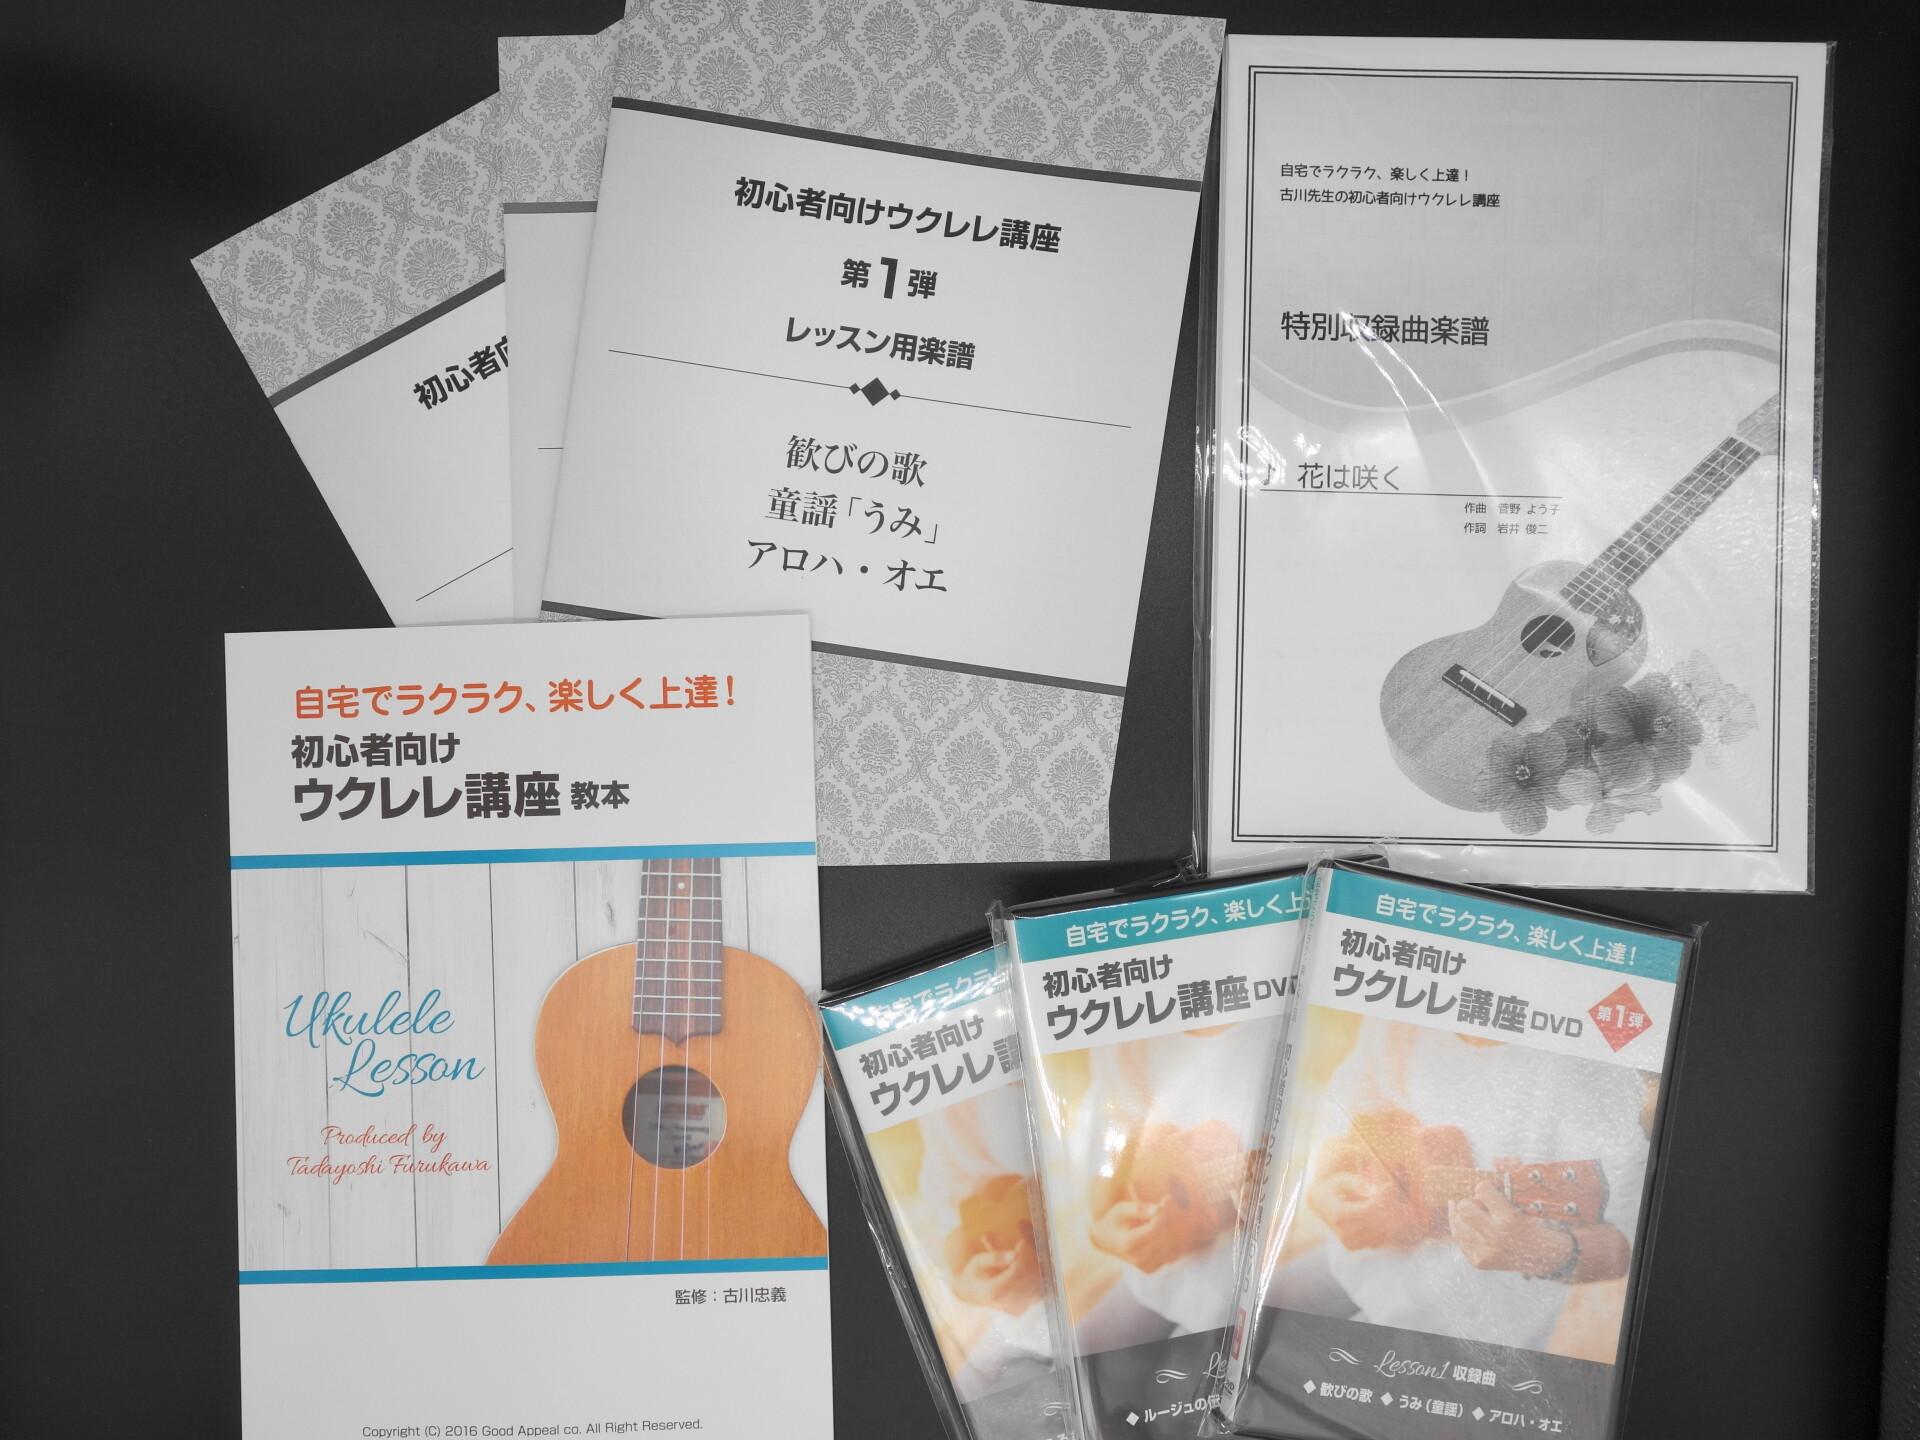 ウクレレ教本&DVD